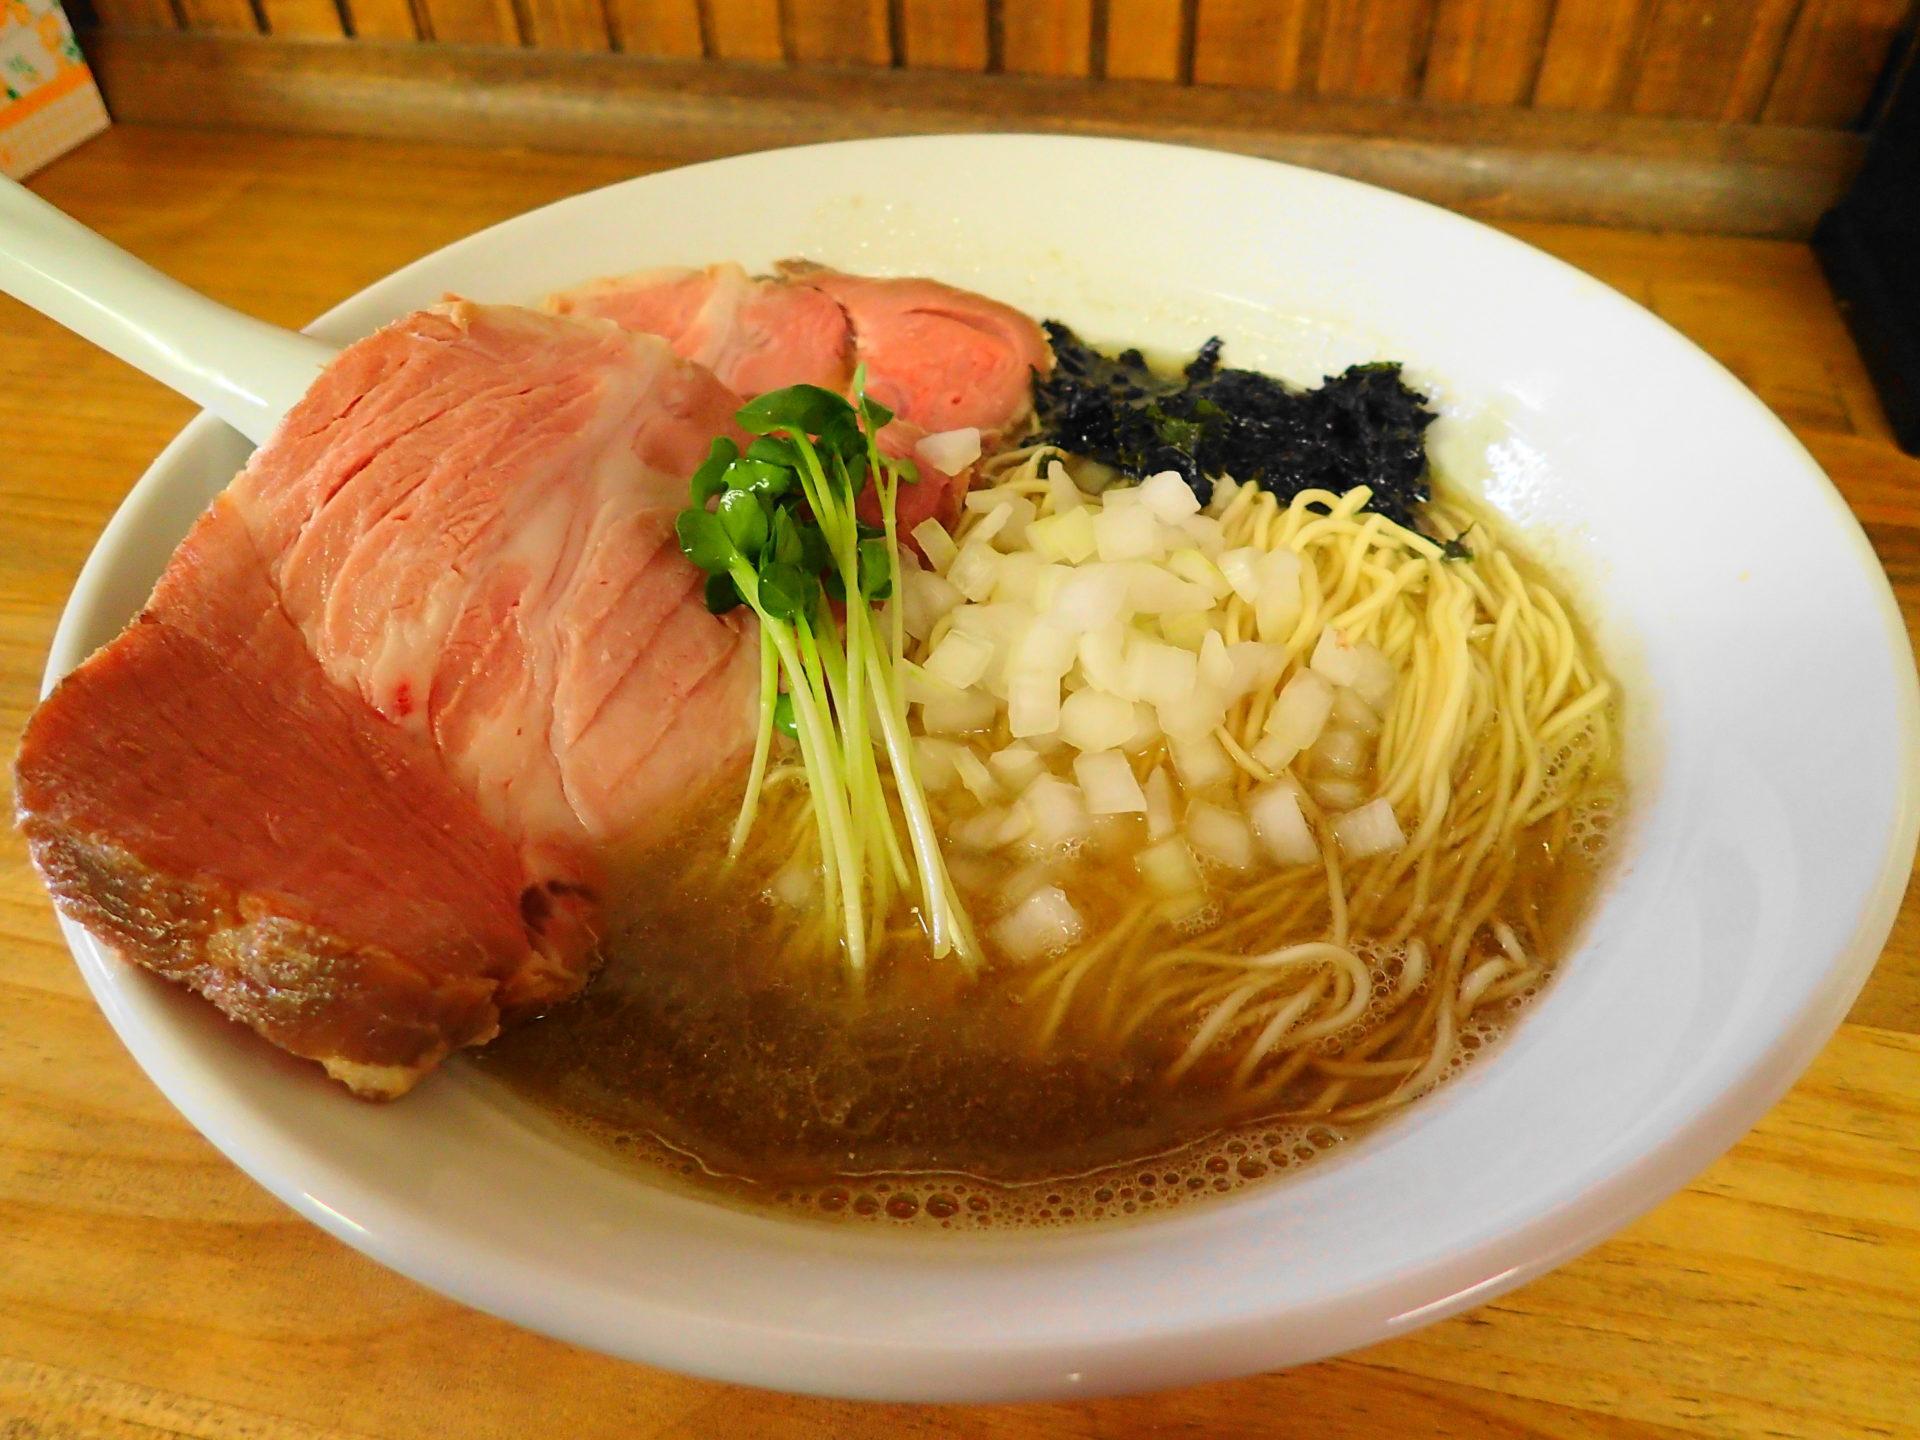 へべれ家|水戸市元吉田の人気店で煮干醤油そば実食! - いばらじお♪